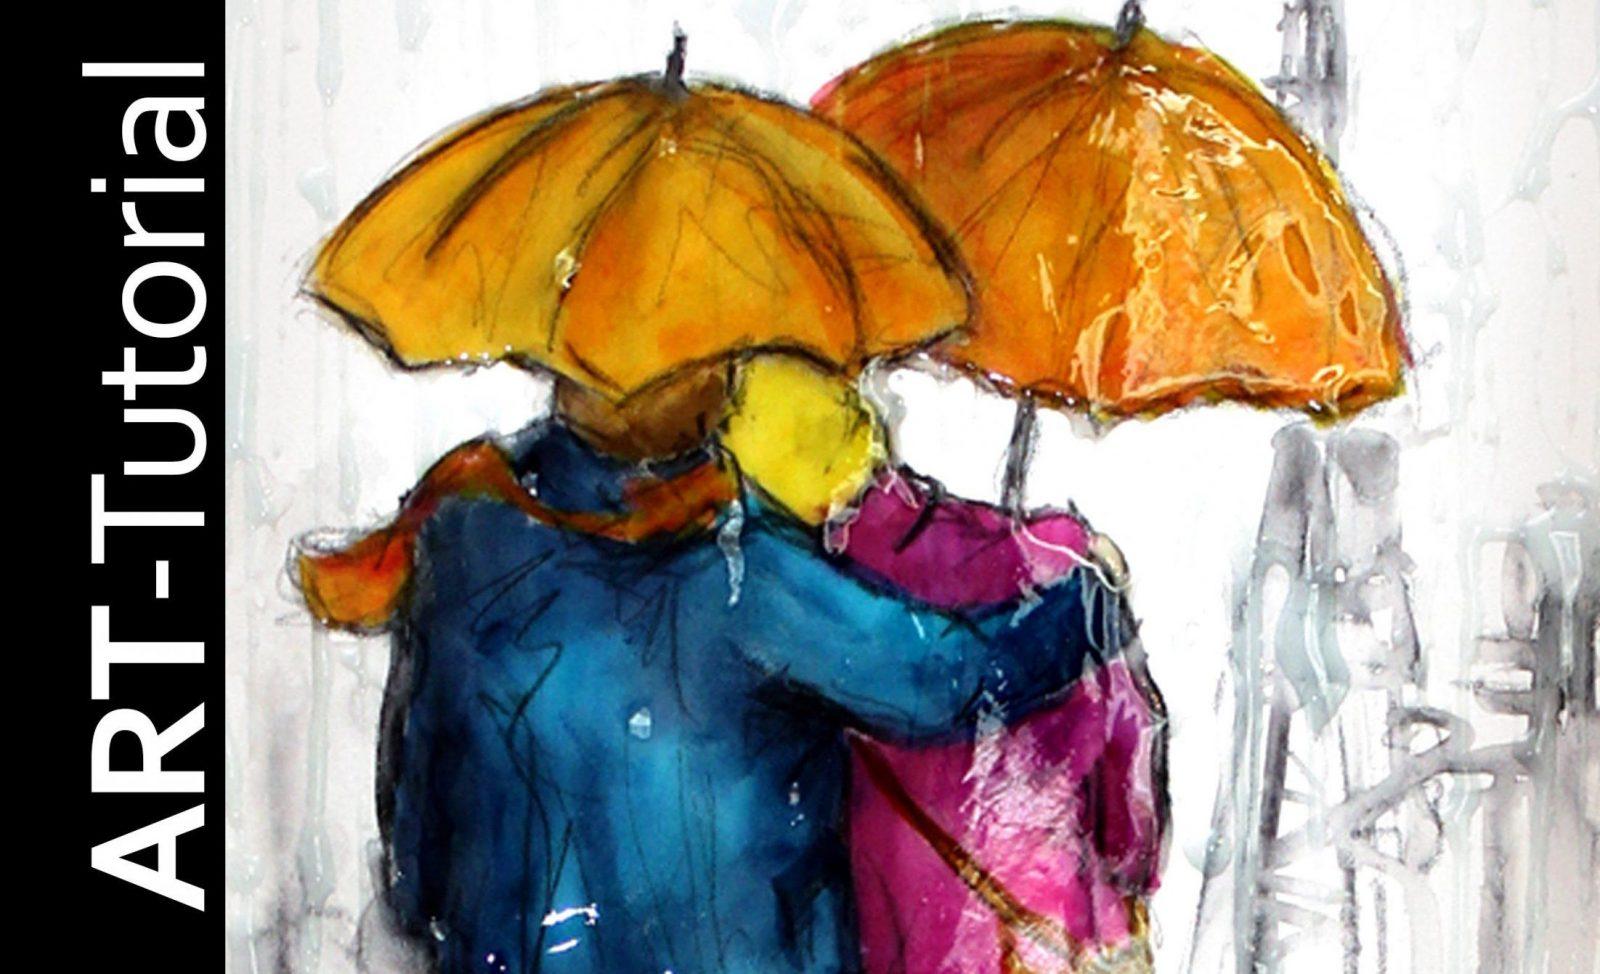 Tutorial malen mit isabelle abstrakte figuren im regen auf leinwand von acrylbilder abstrakt - Malen mit acryl auf leinwand ...